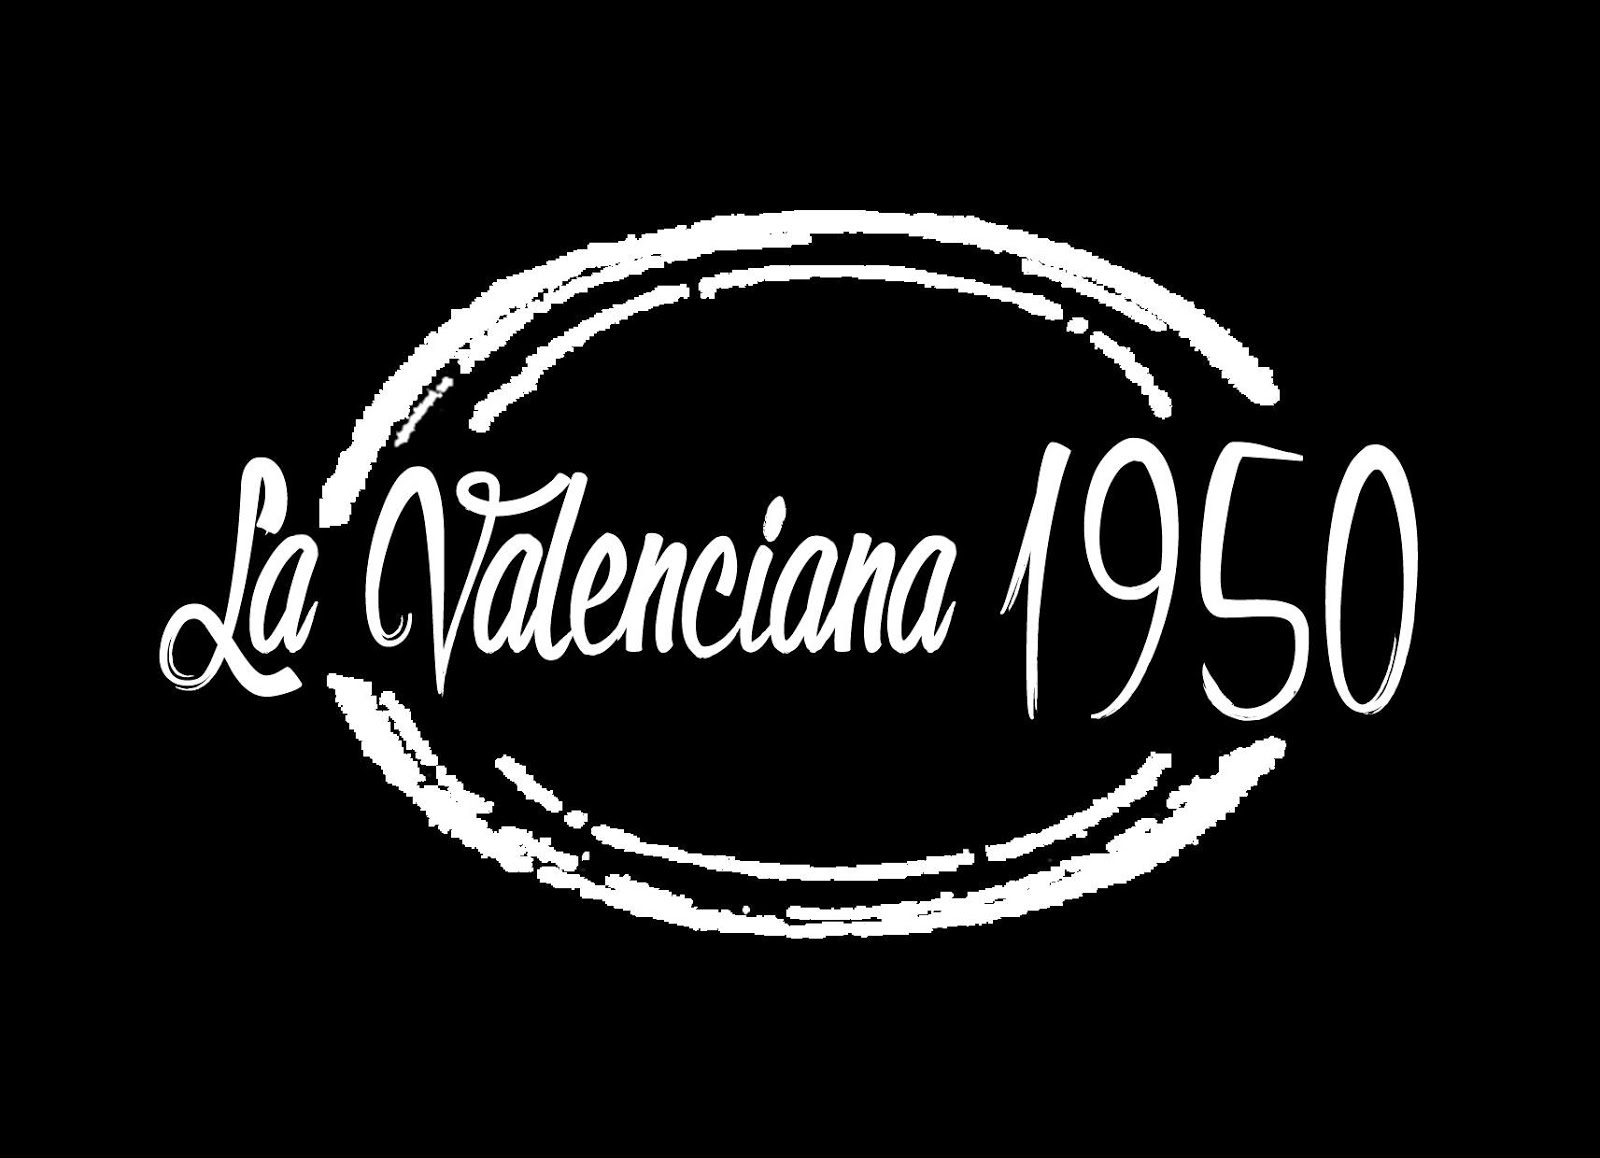 LA VALENCIANA 1950